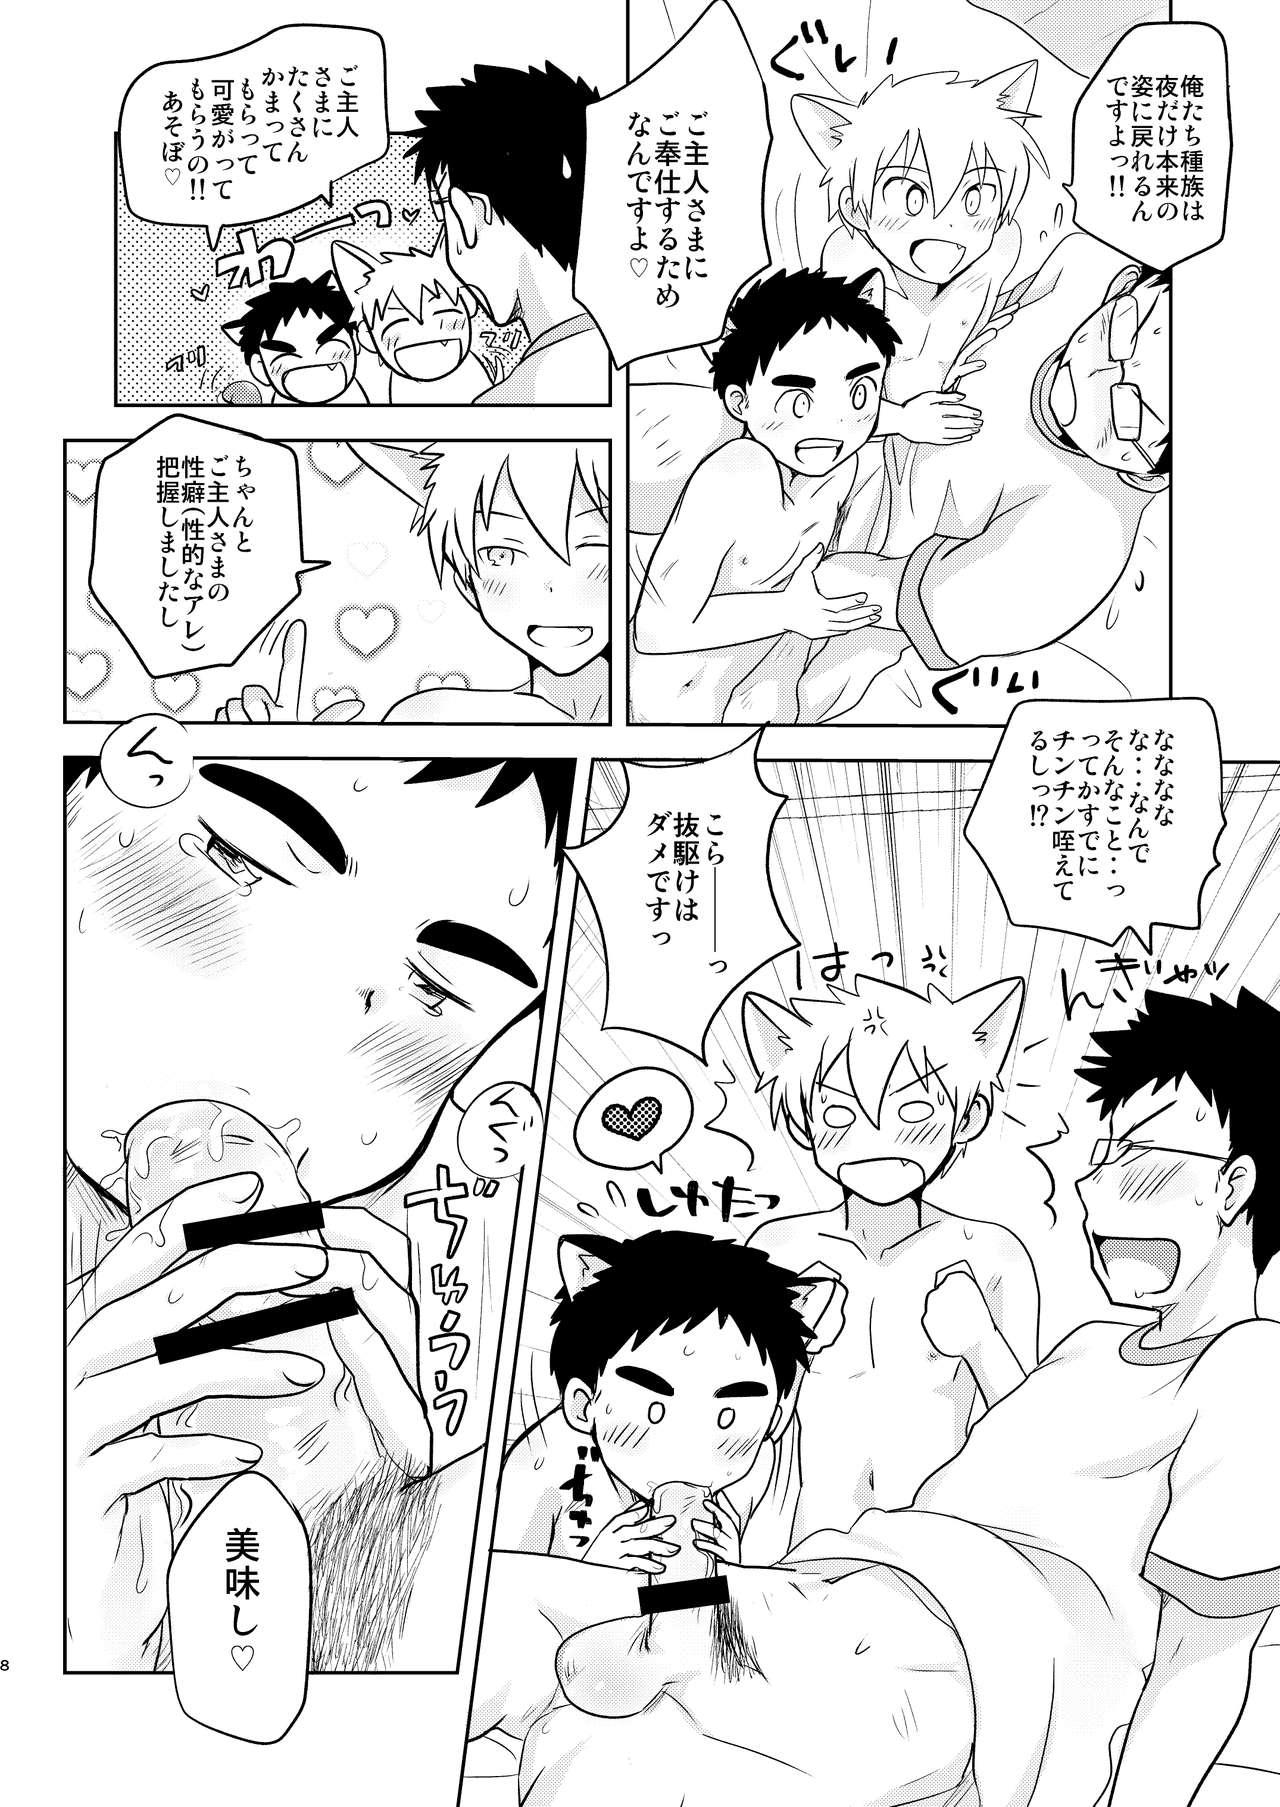 Wanko 2hiki ga iru Seikatsu! 7